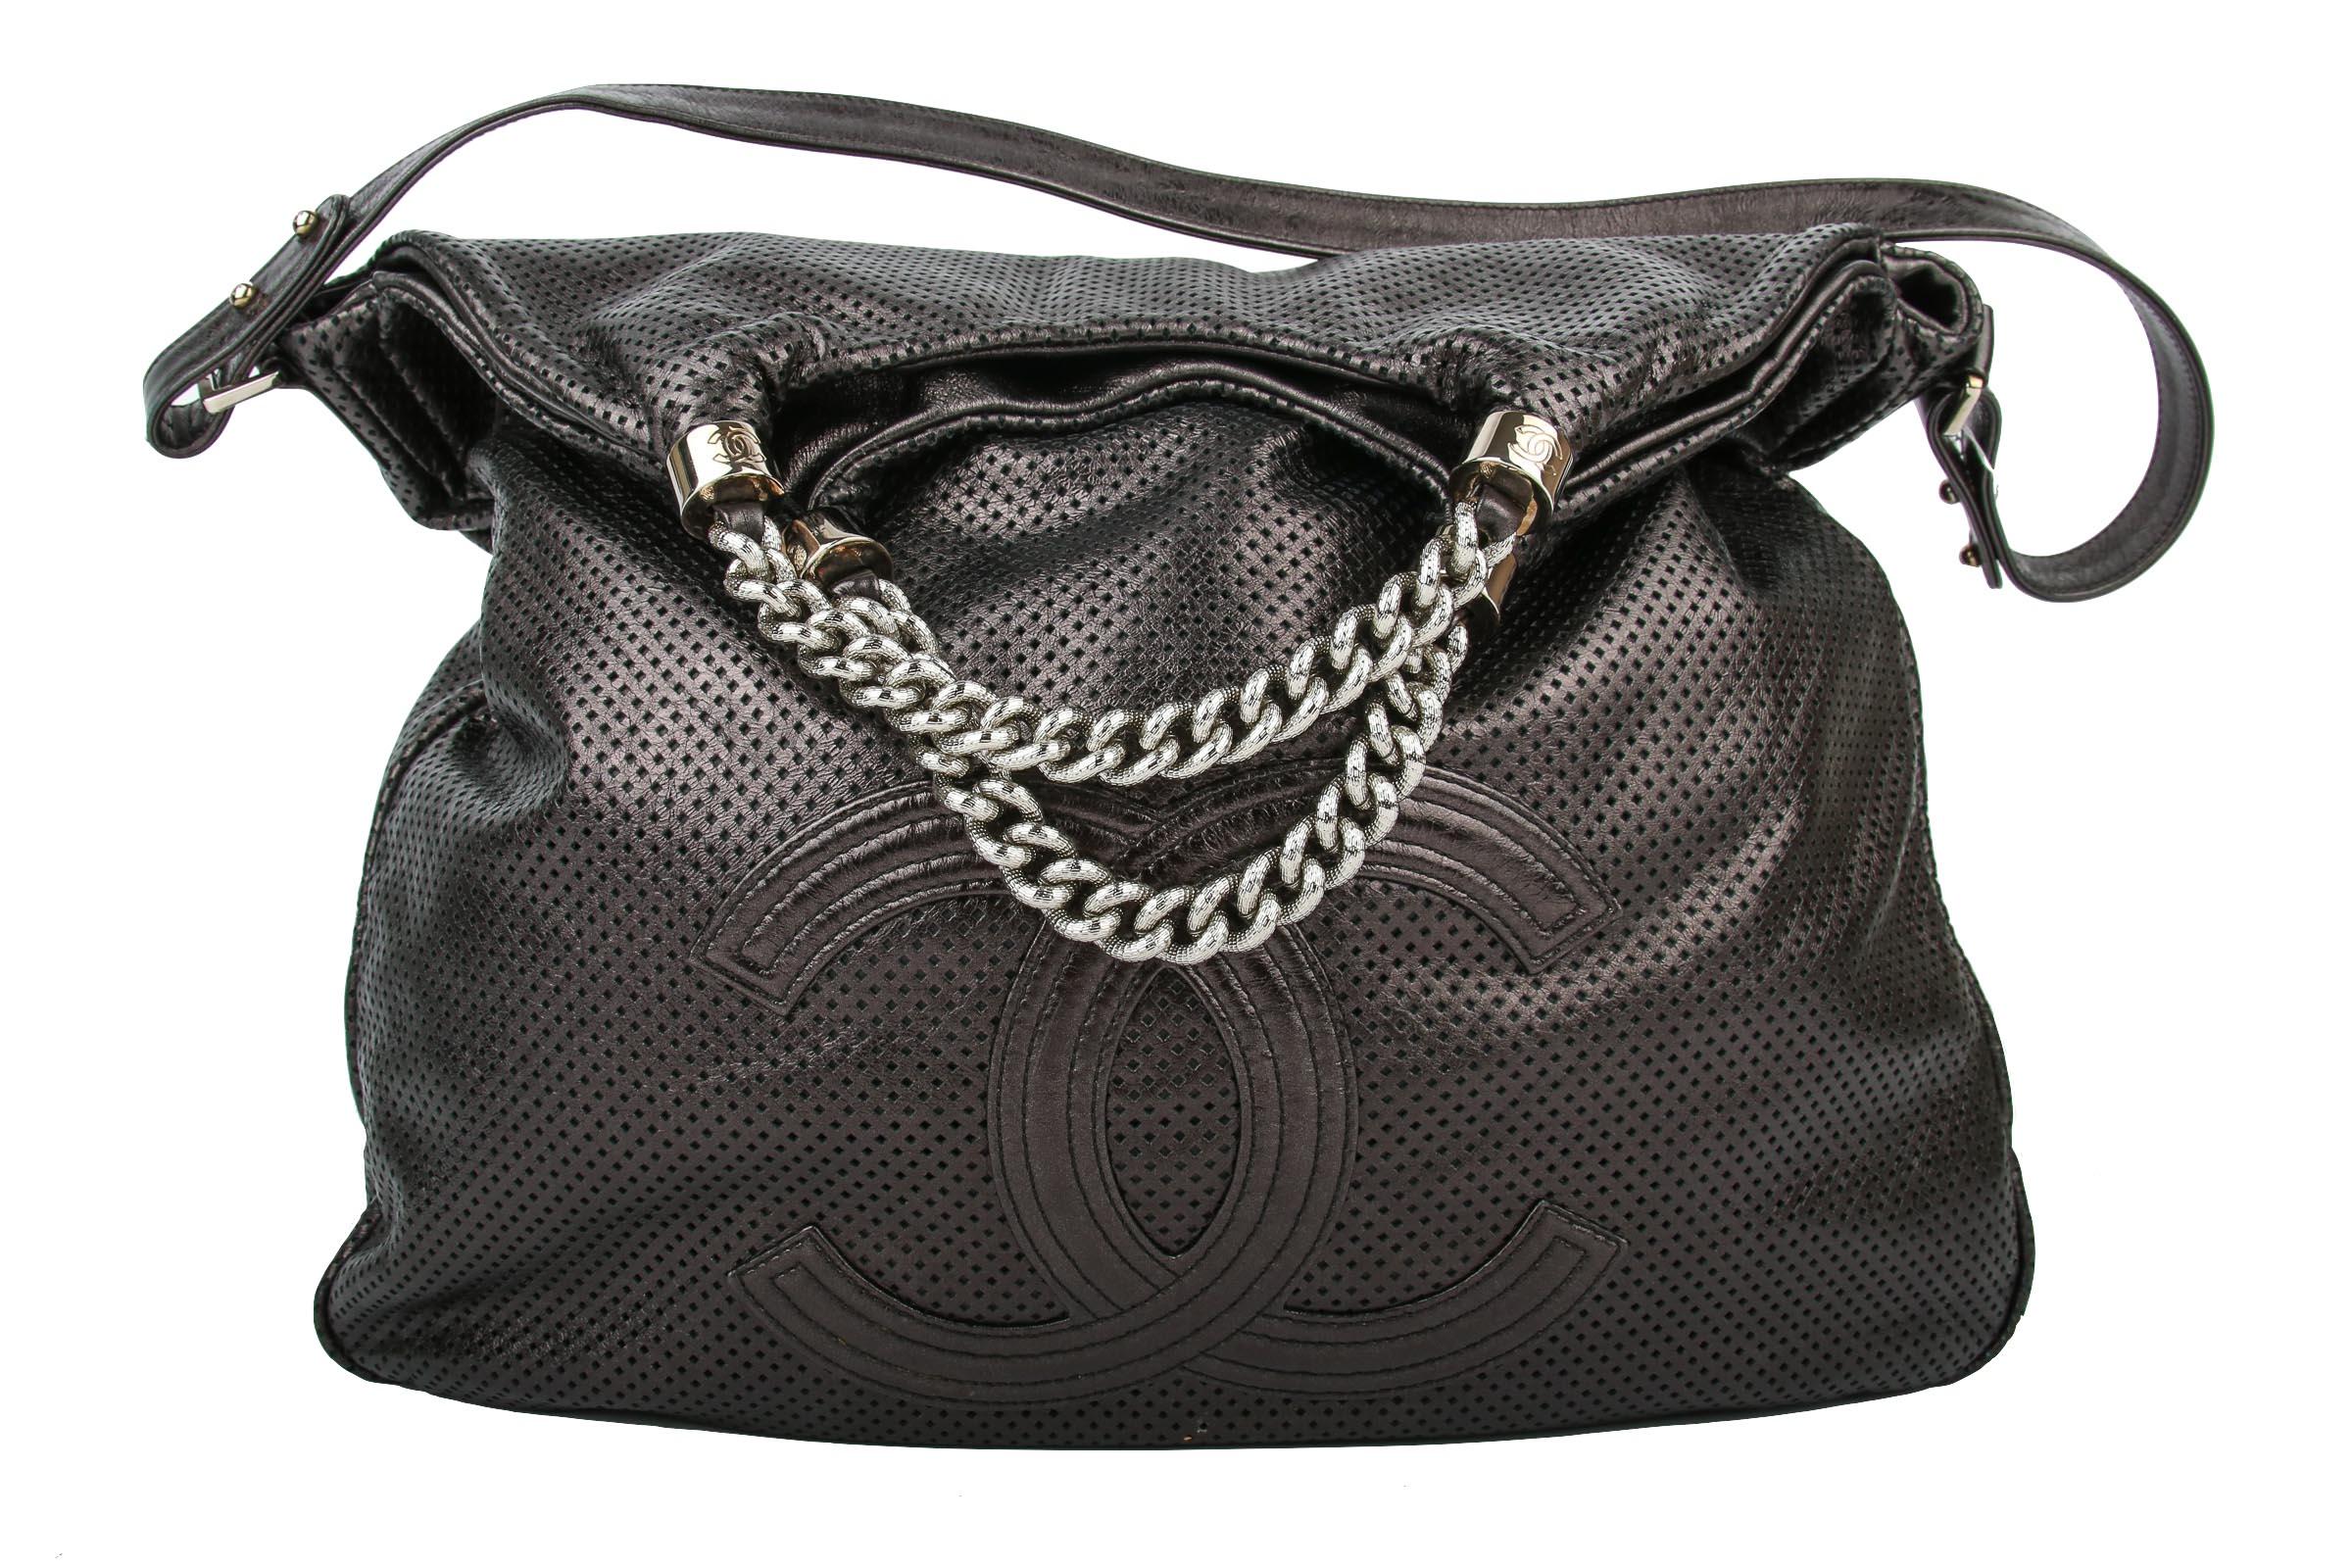 7271d1a28d955 Chanel Handtaschen   Accessoires